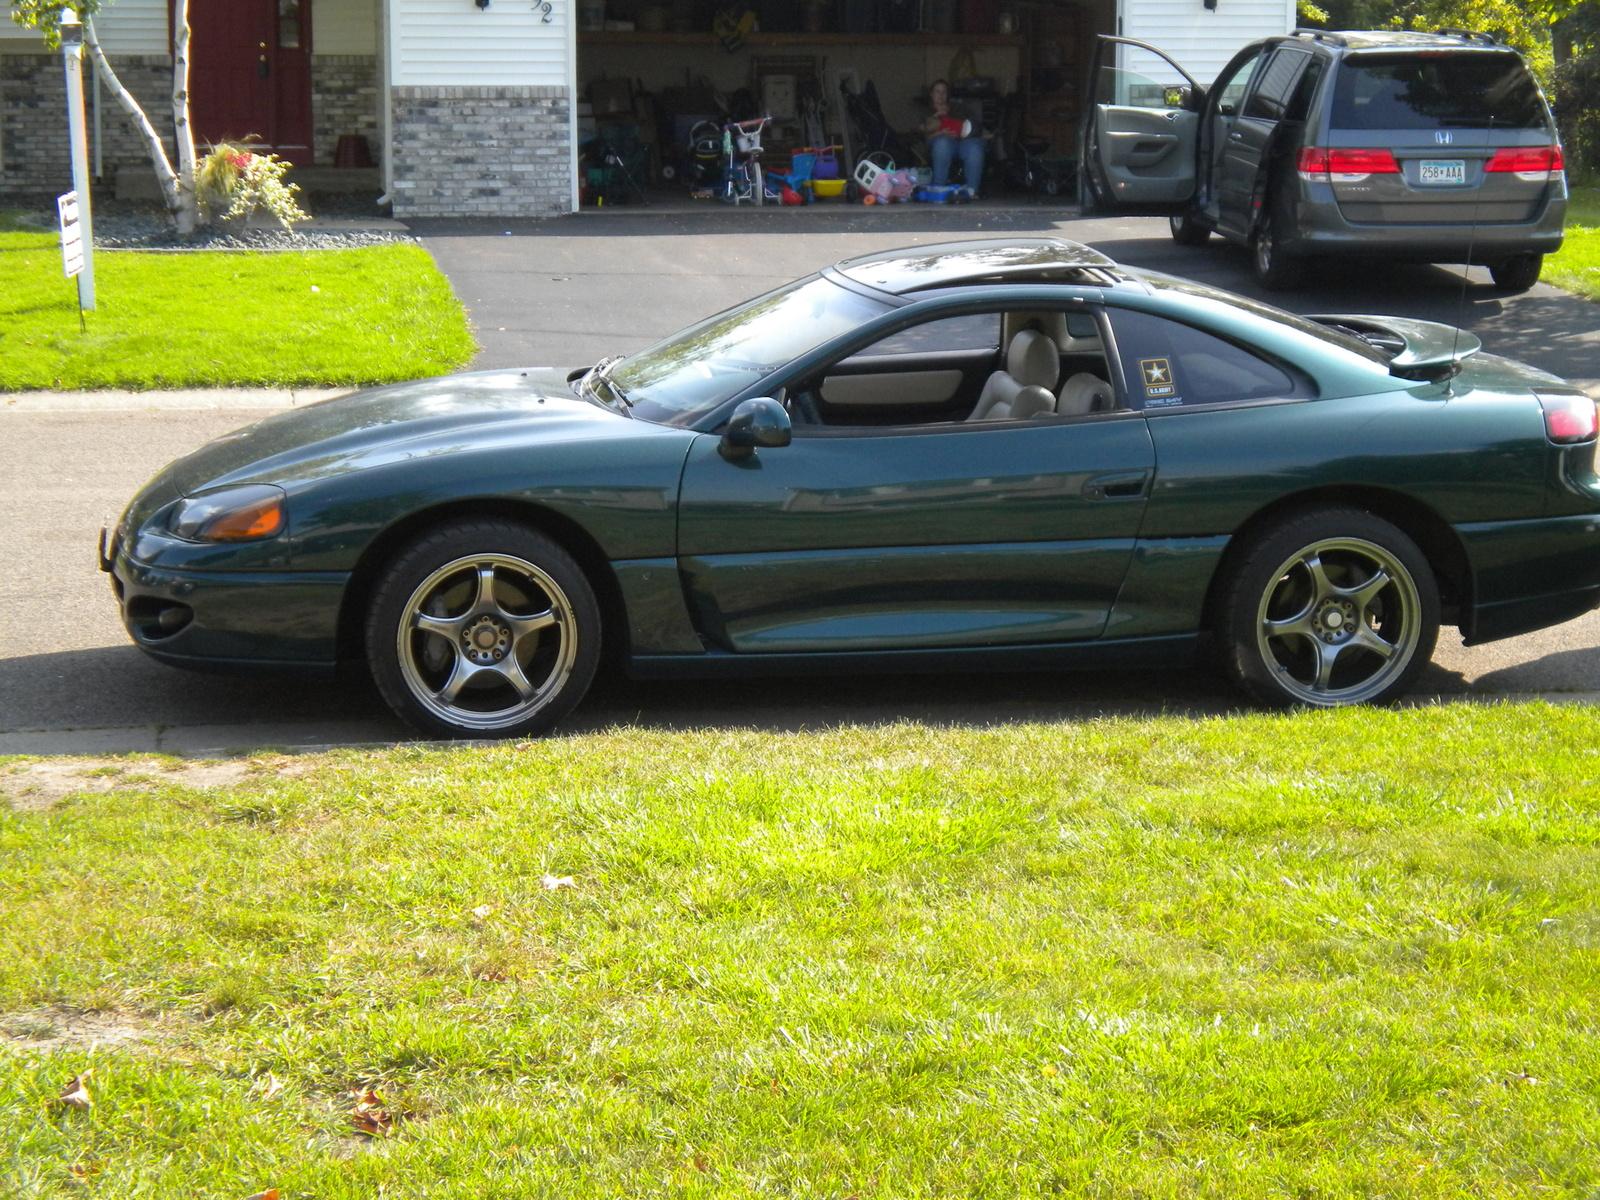 1600 x 1200 jpeg 1046kB, Craigslist Spokane Cars - Craigslist